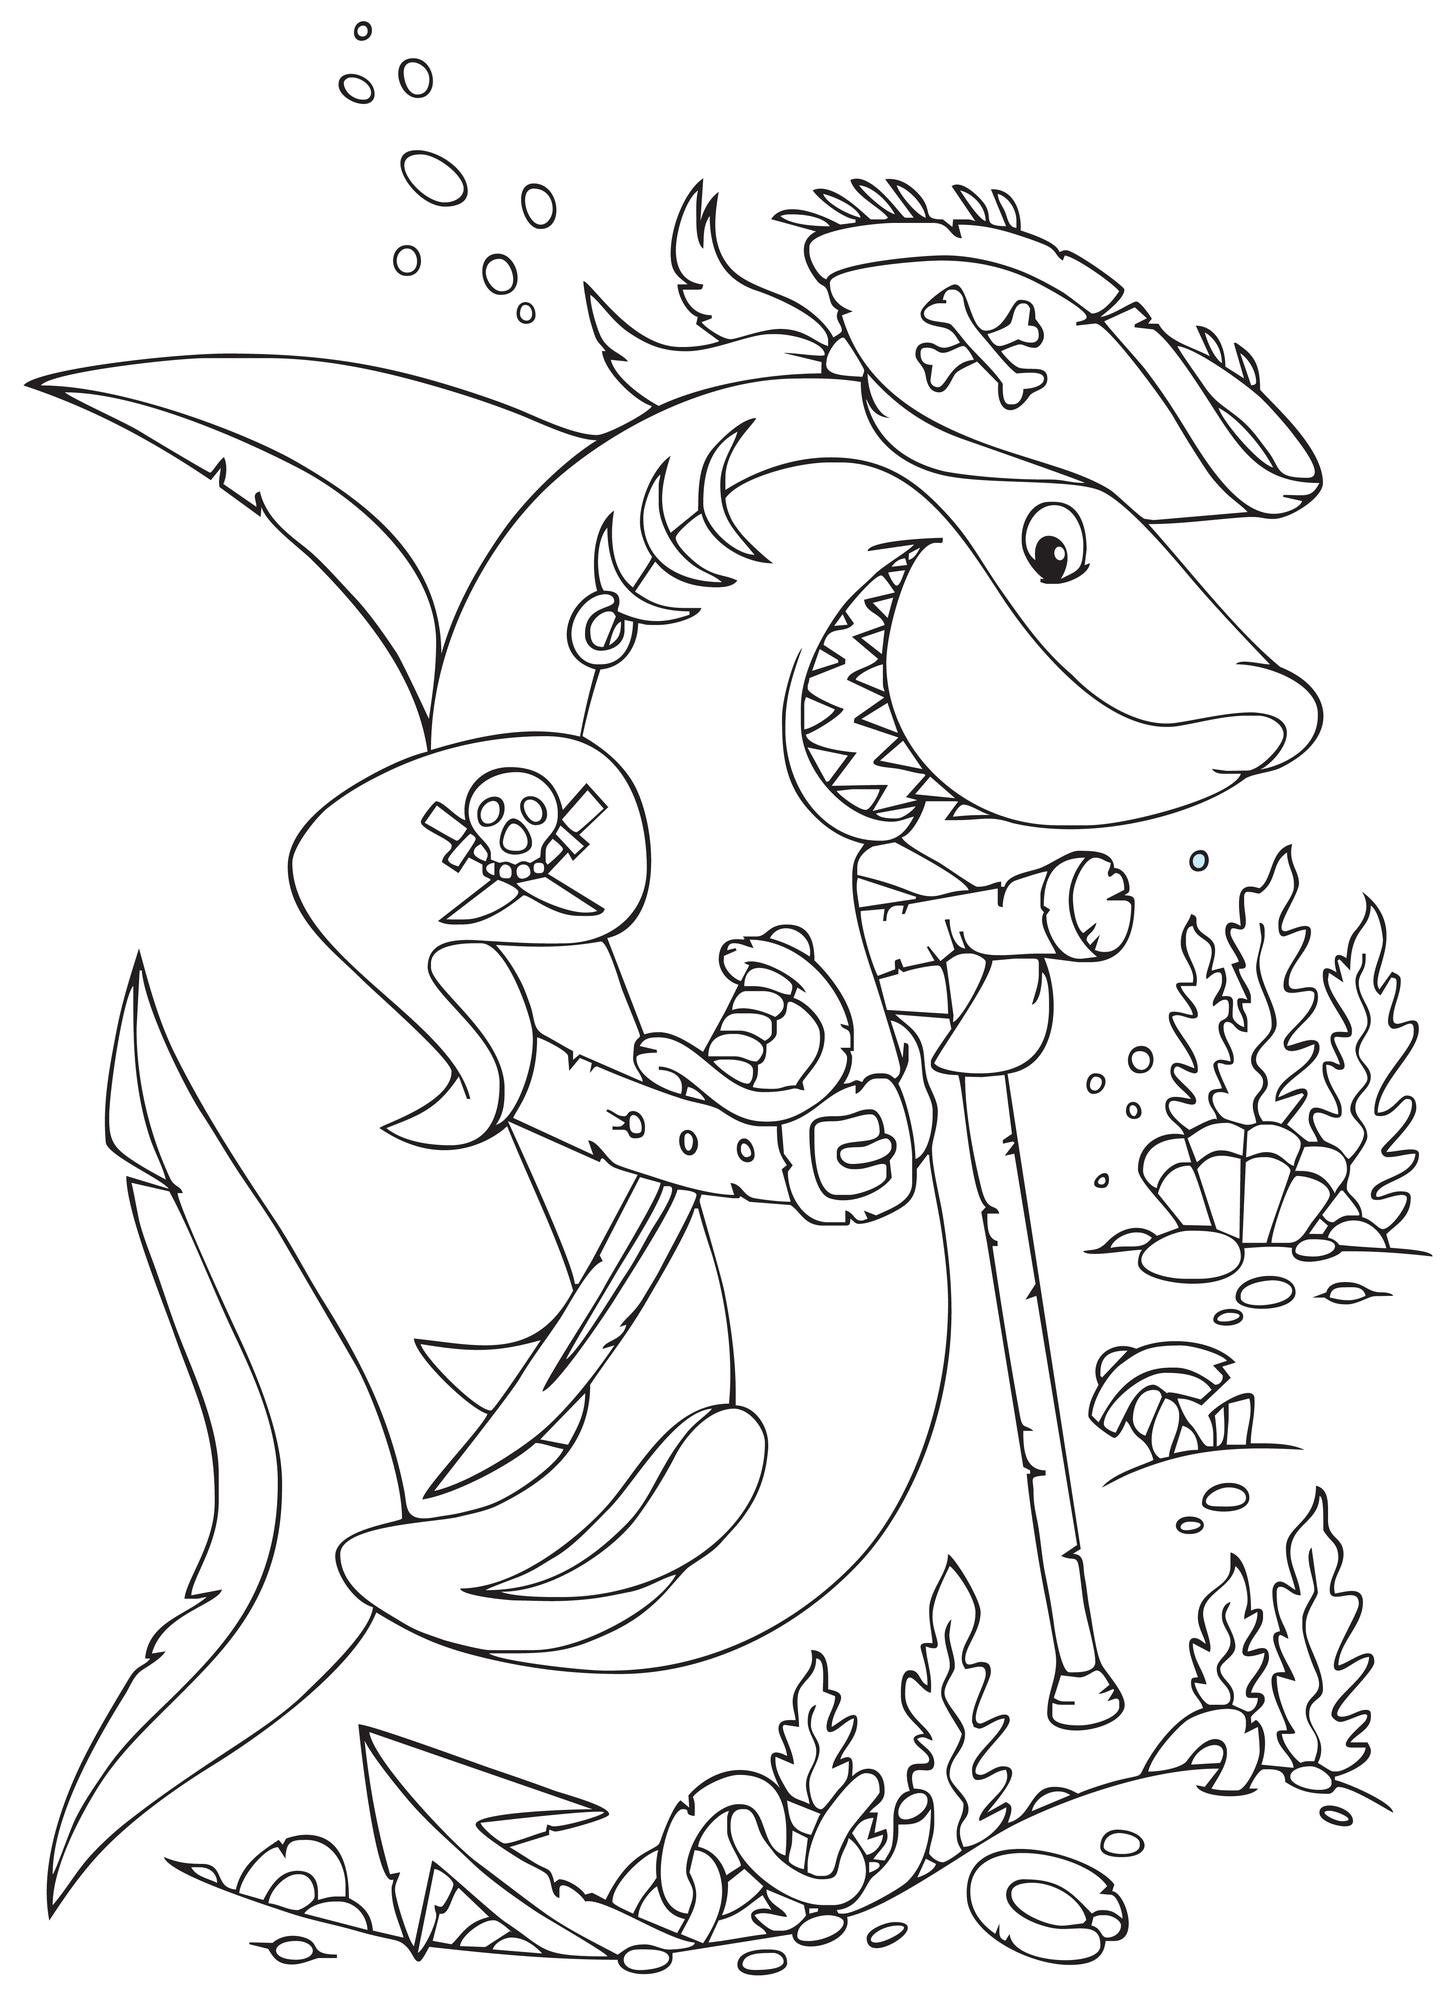 Coloriage À Imprimer : Le Requin Pirate intérieur Coloriage Requin À Imprimer